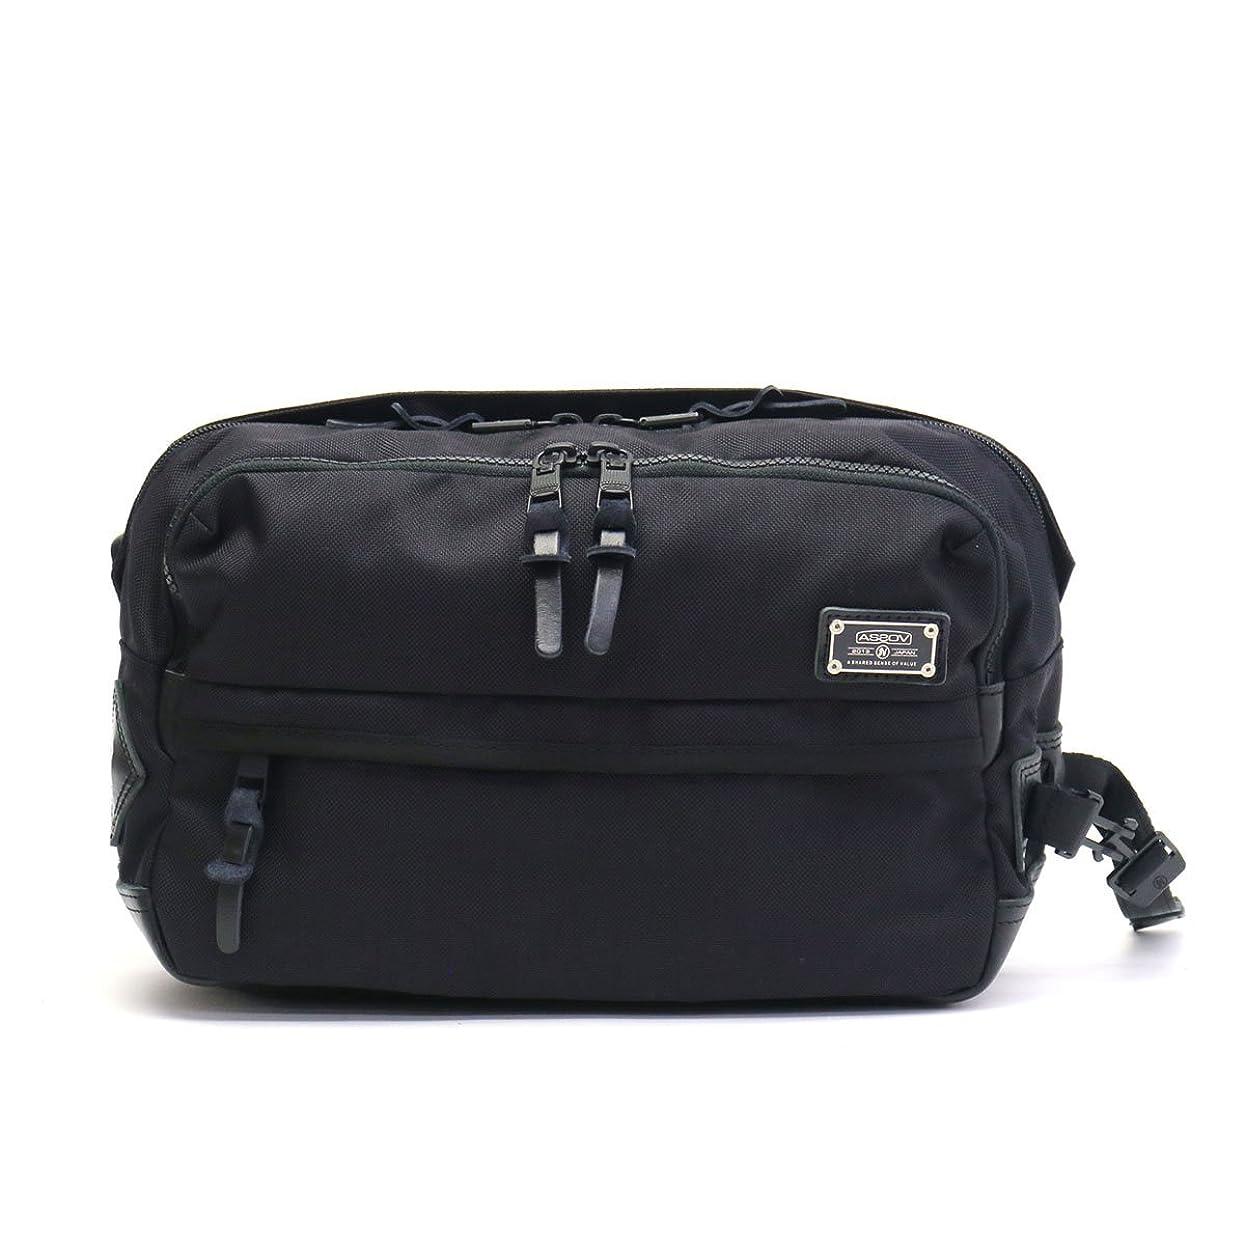 そしてうめきダンプ[アッソブ]AS2OV EXCLUSIVE BALLISTIC NYLON BODY BAG ボディバッグ 061318